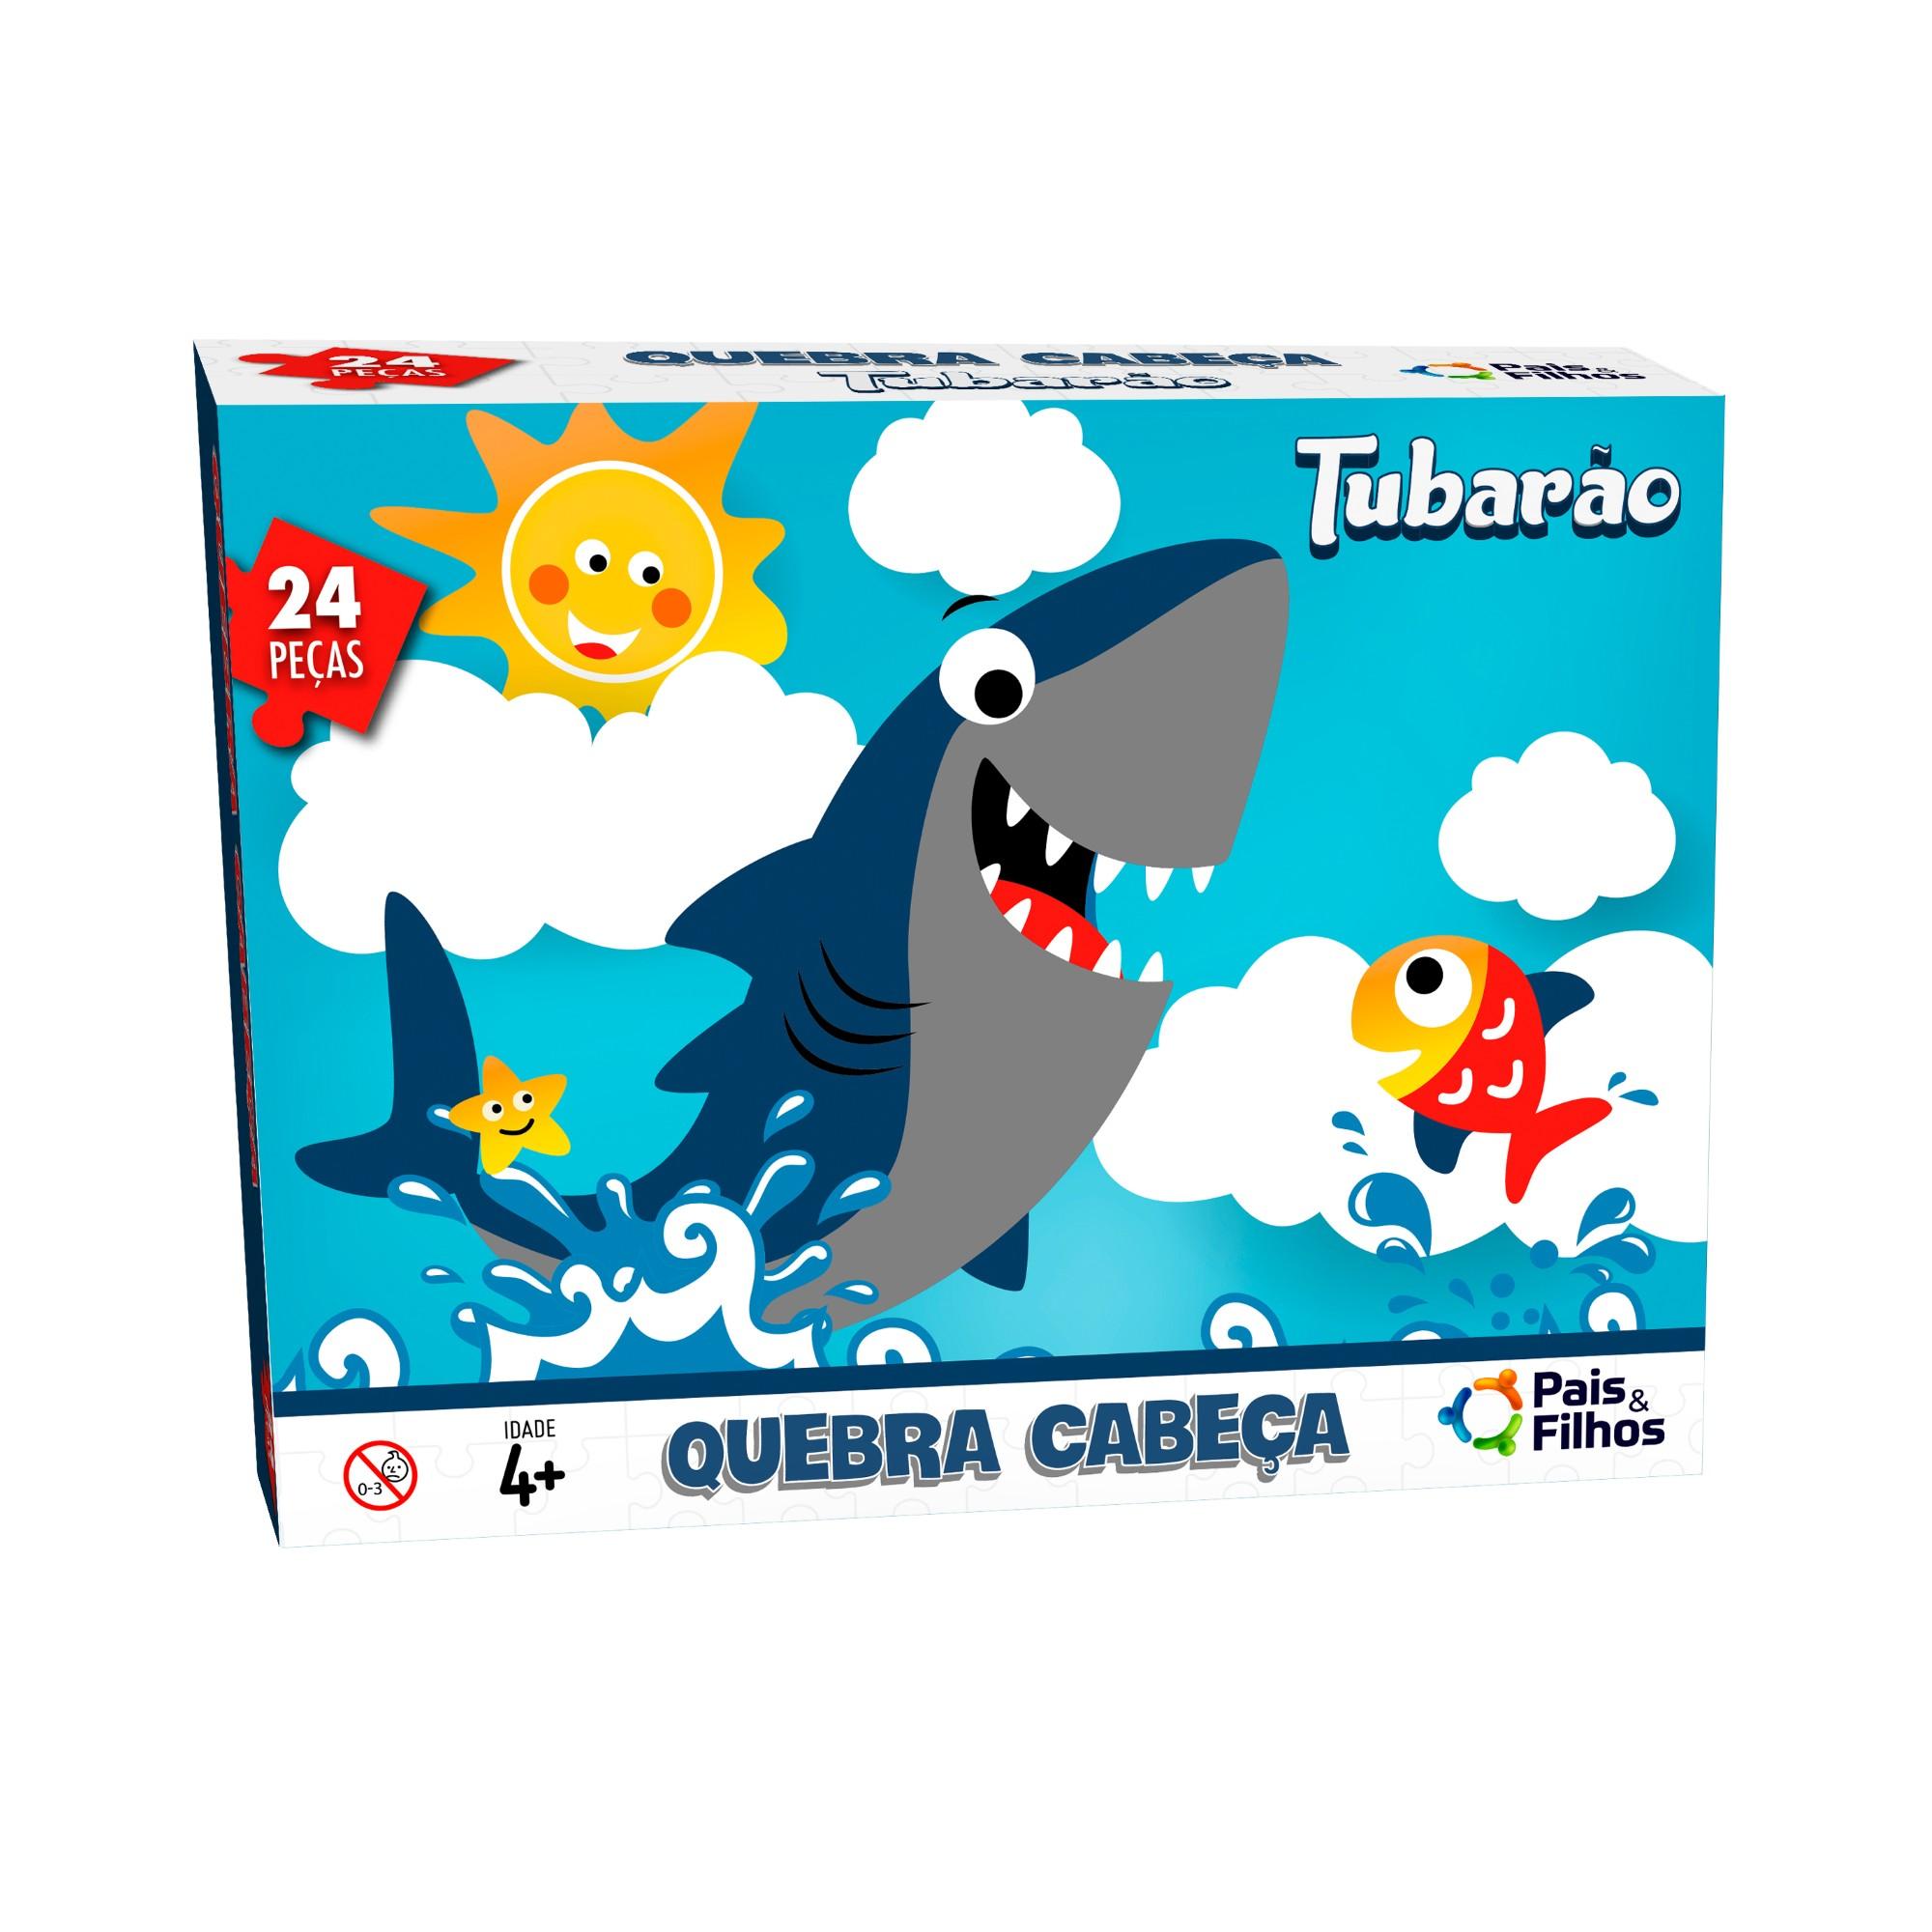 Jogo Quebra-Cabeca Tubarao 24 pecas - Pais e Filhos